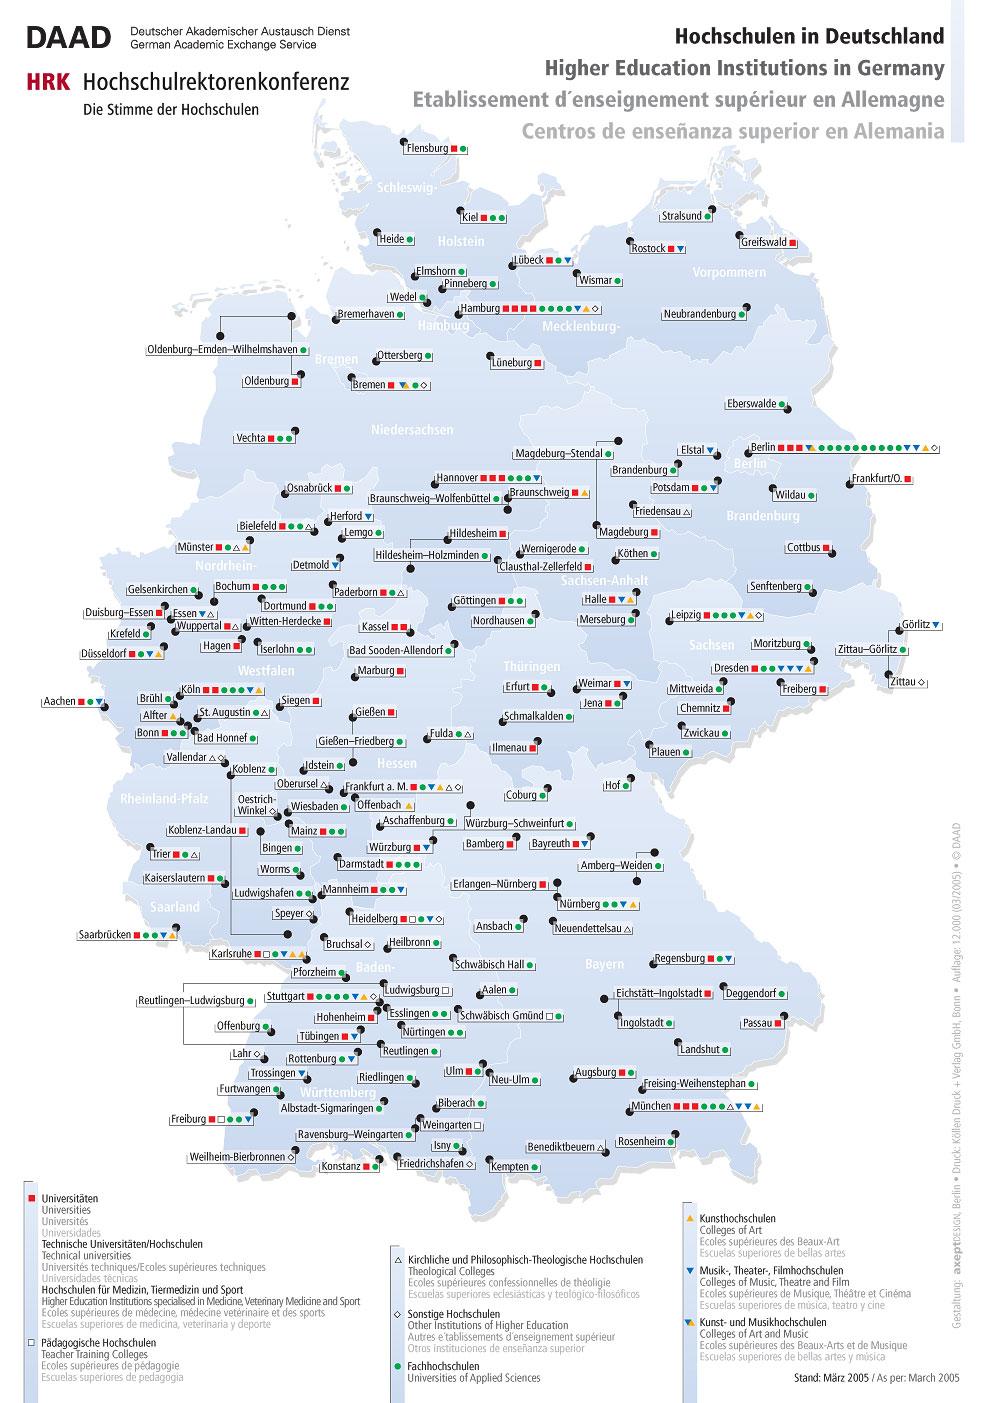 universitäten deutschland karte Universitäten Deutschland Karte universitäten deutschland karte